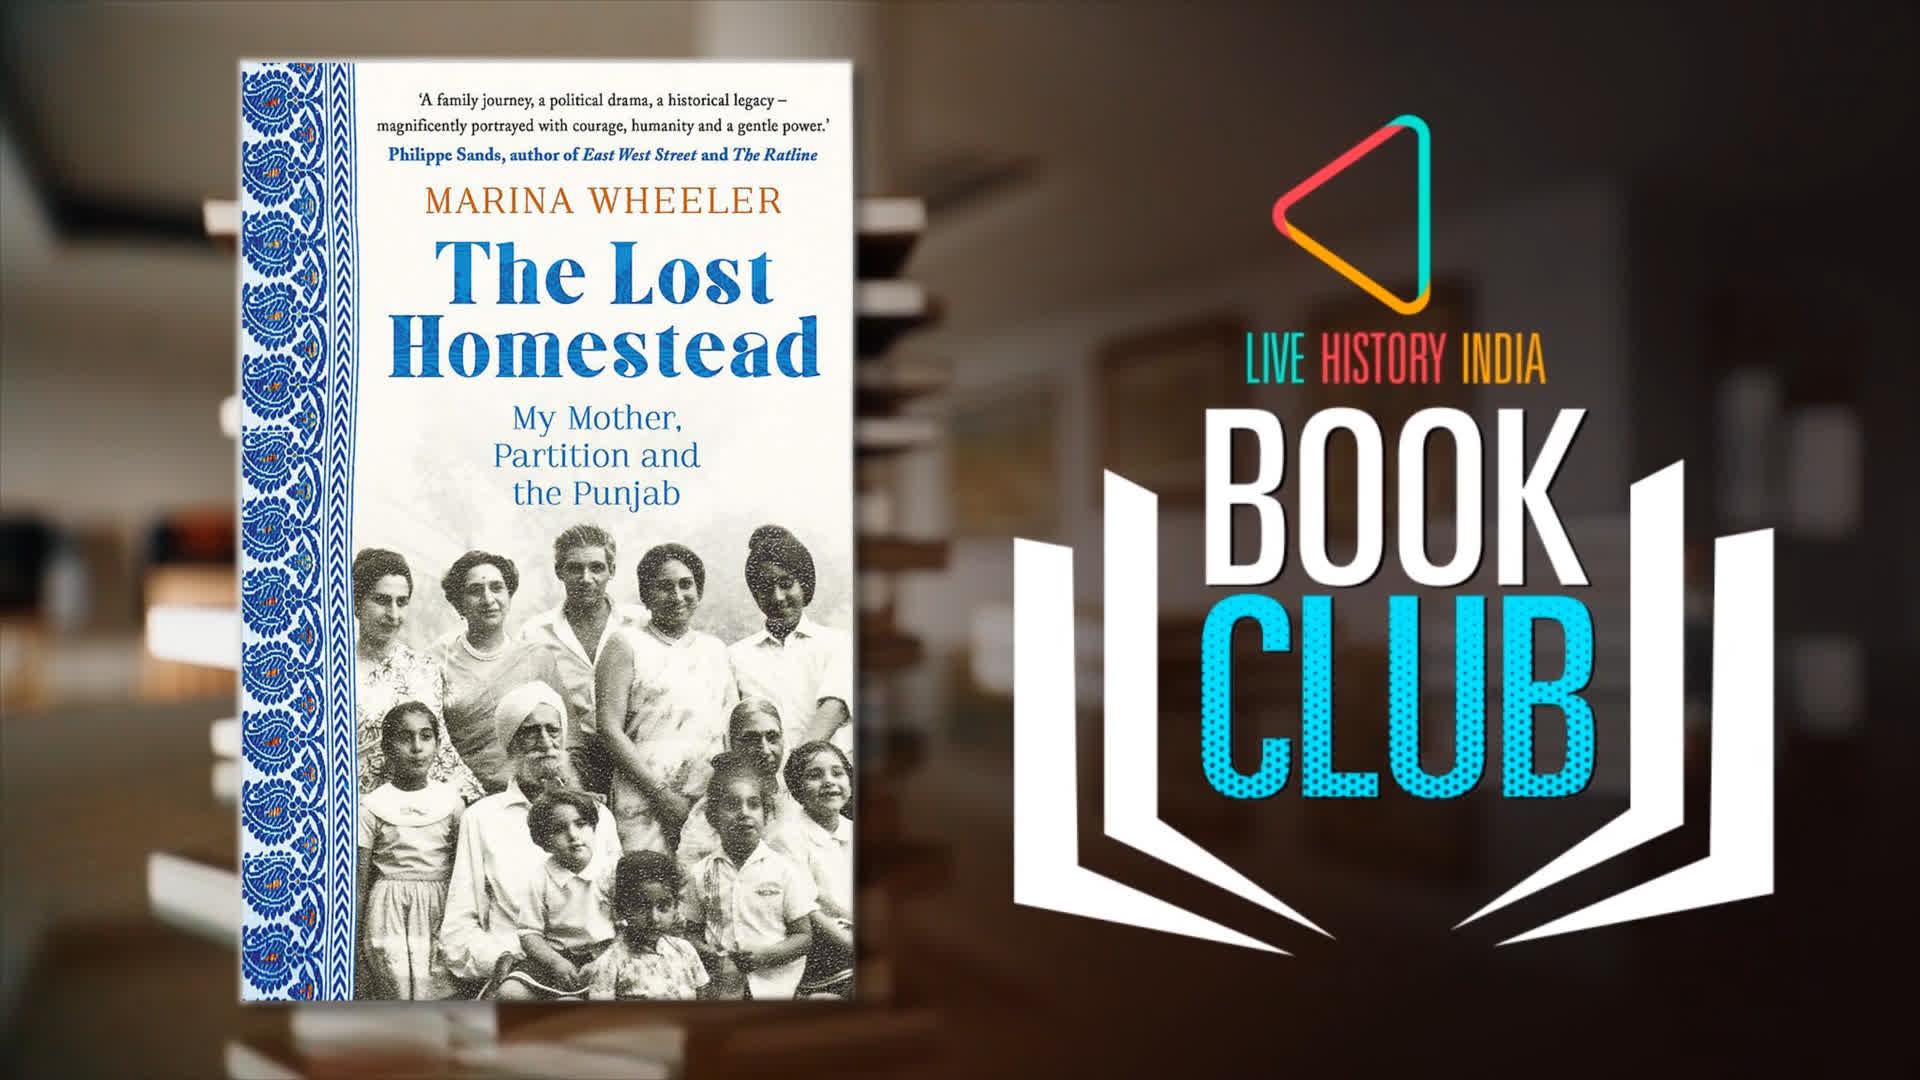 Marina Wheeler on 'The Lost Homestead'